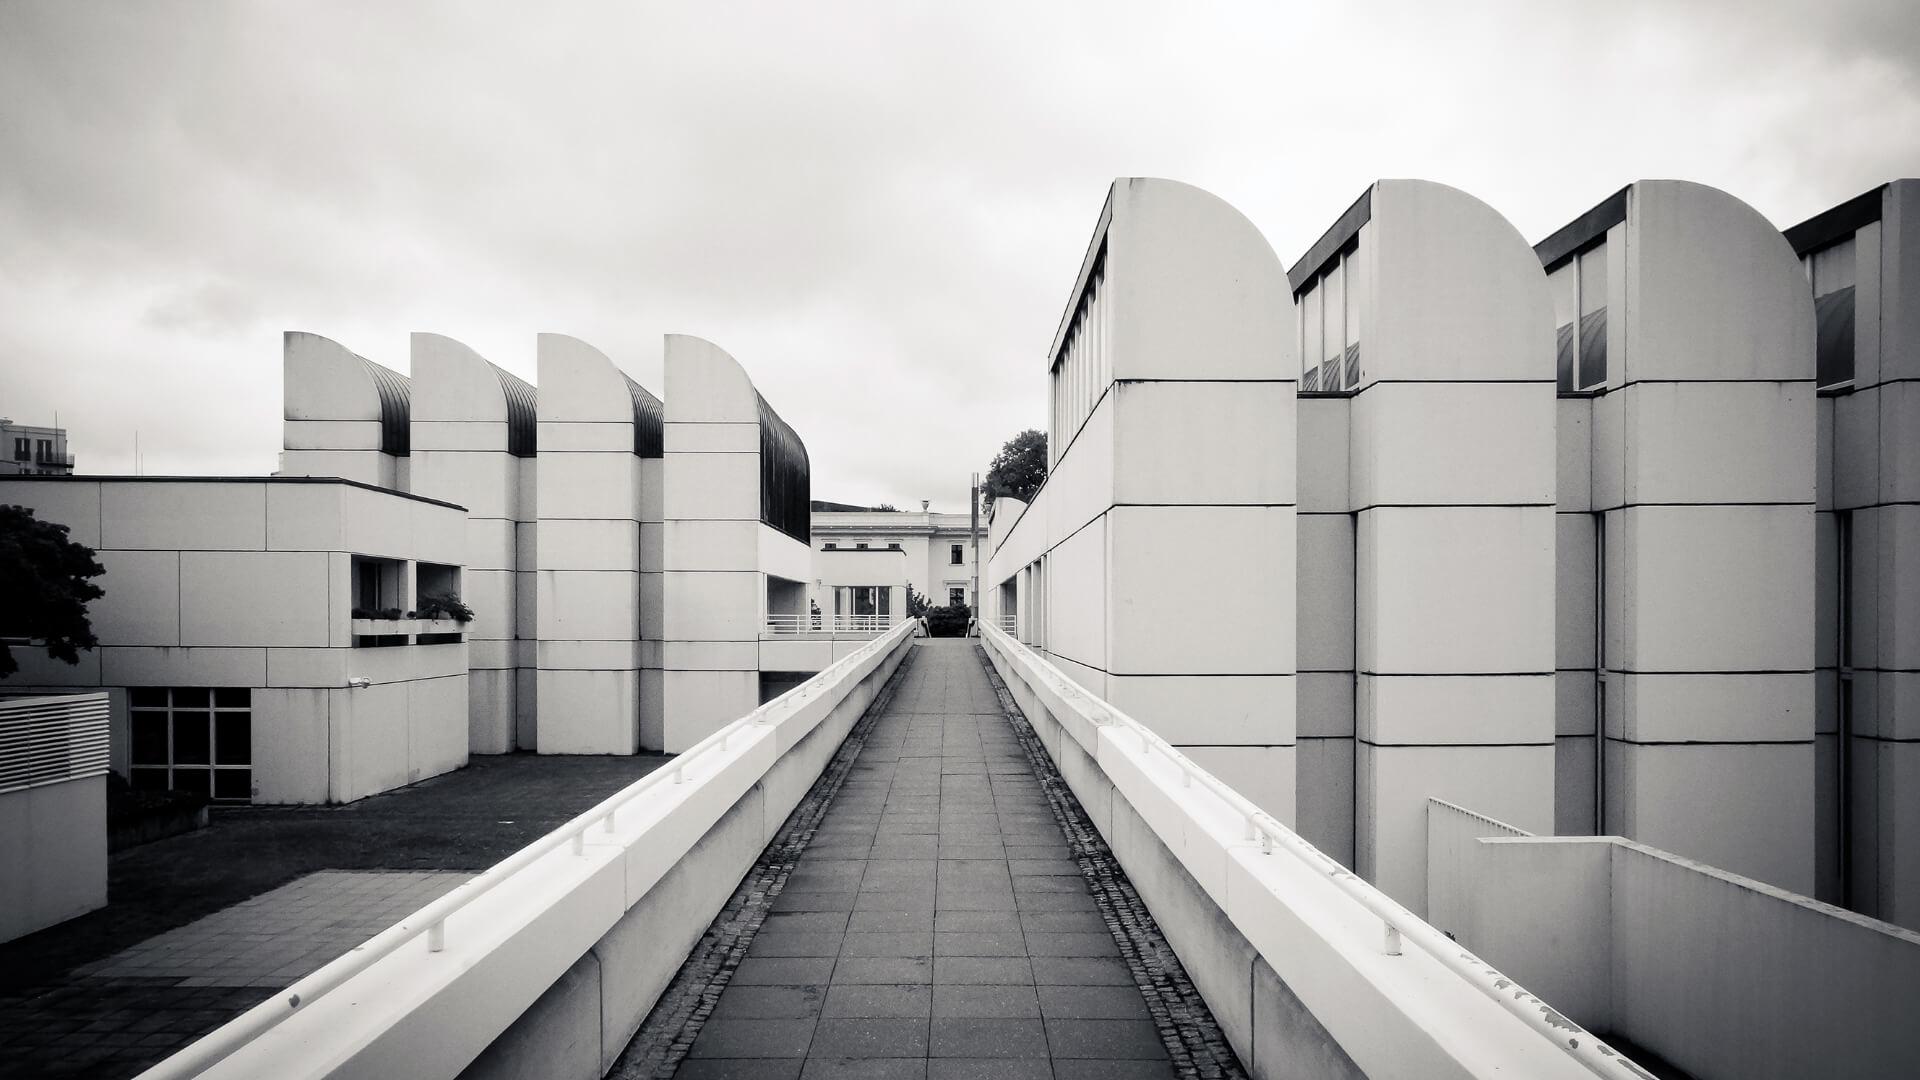 Bauhaus 100 Yaşına Basarken